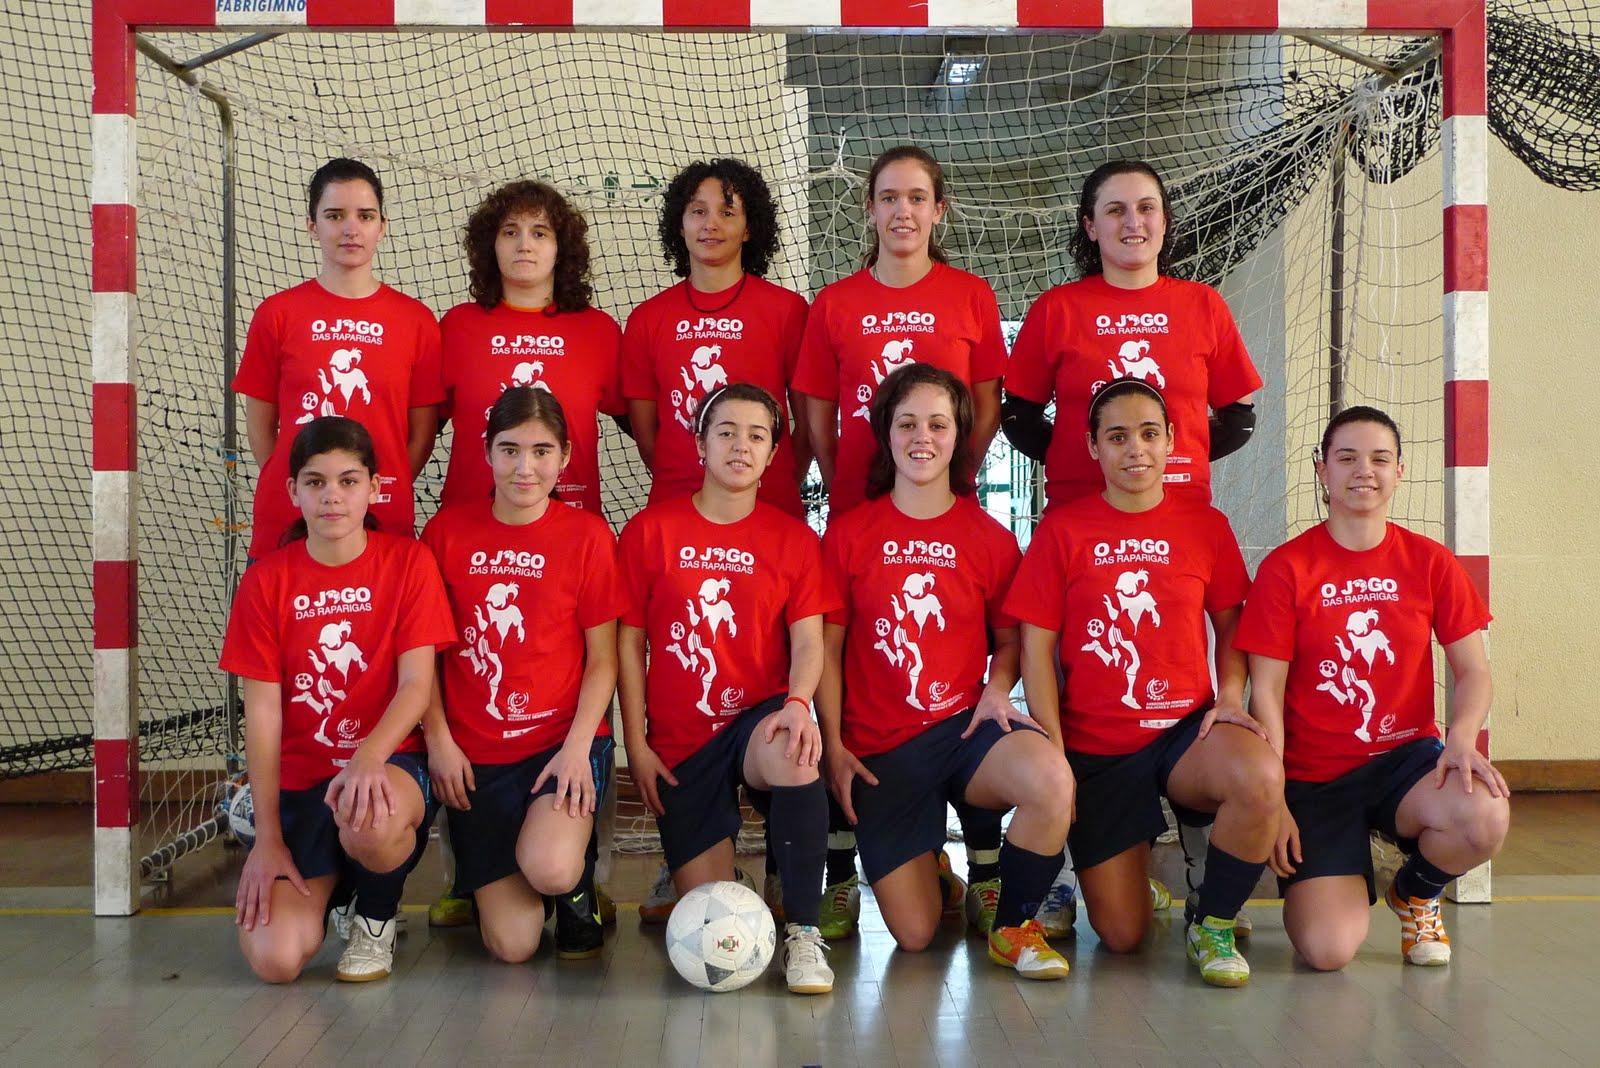 039b99c6d1 Nucleo Chasa - Futsal Feminino  Janeiro 2010